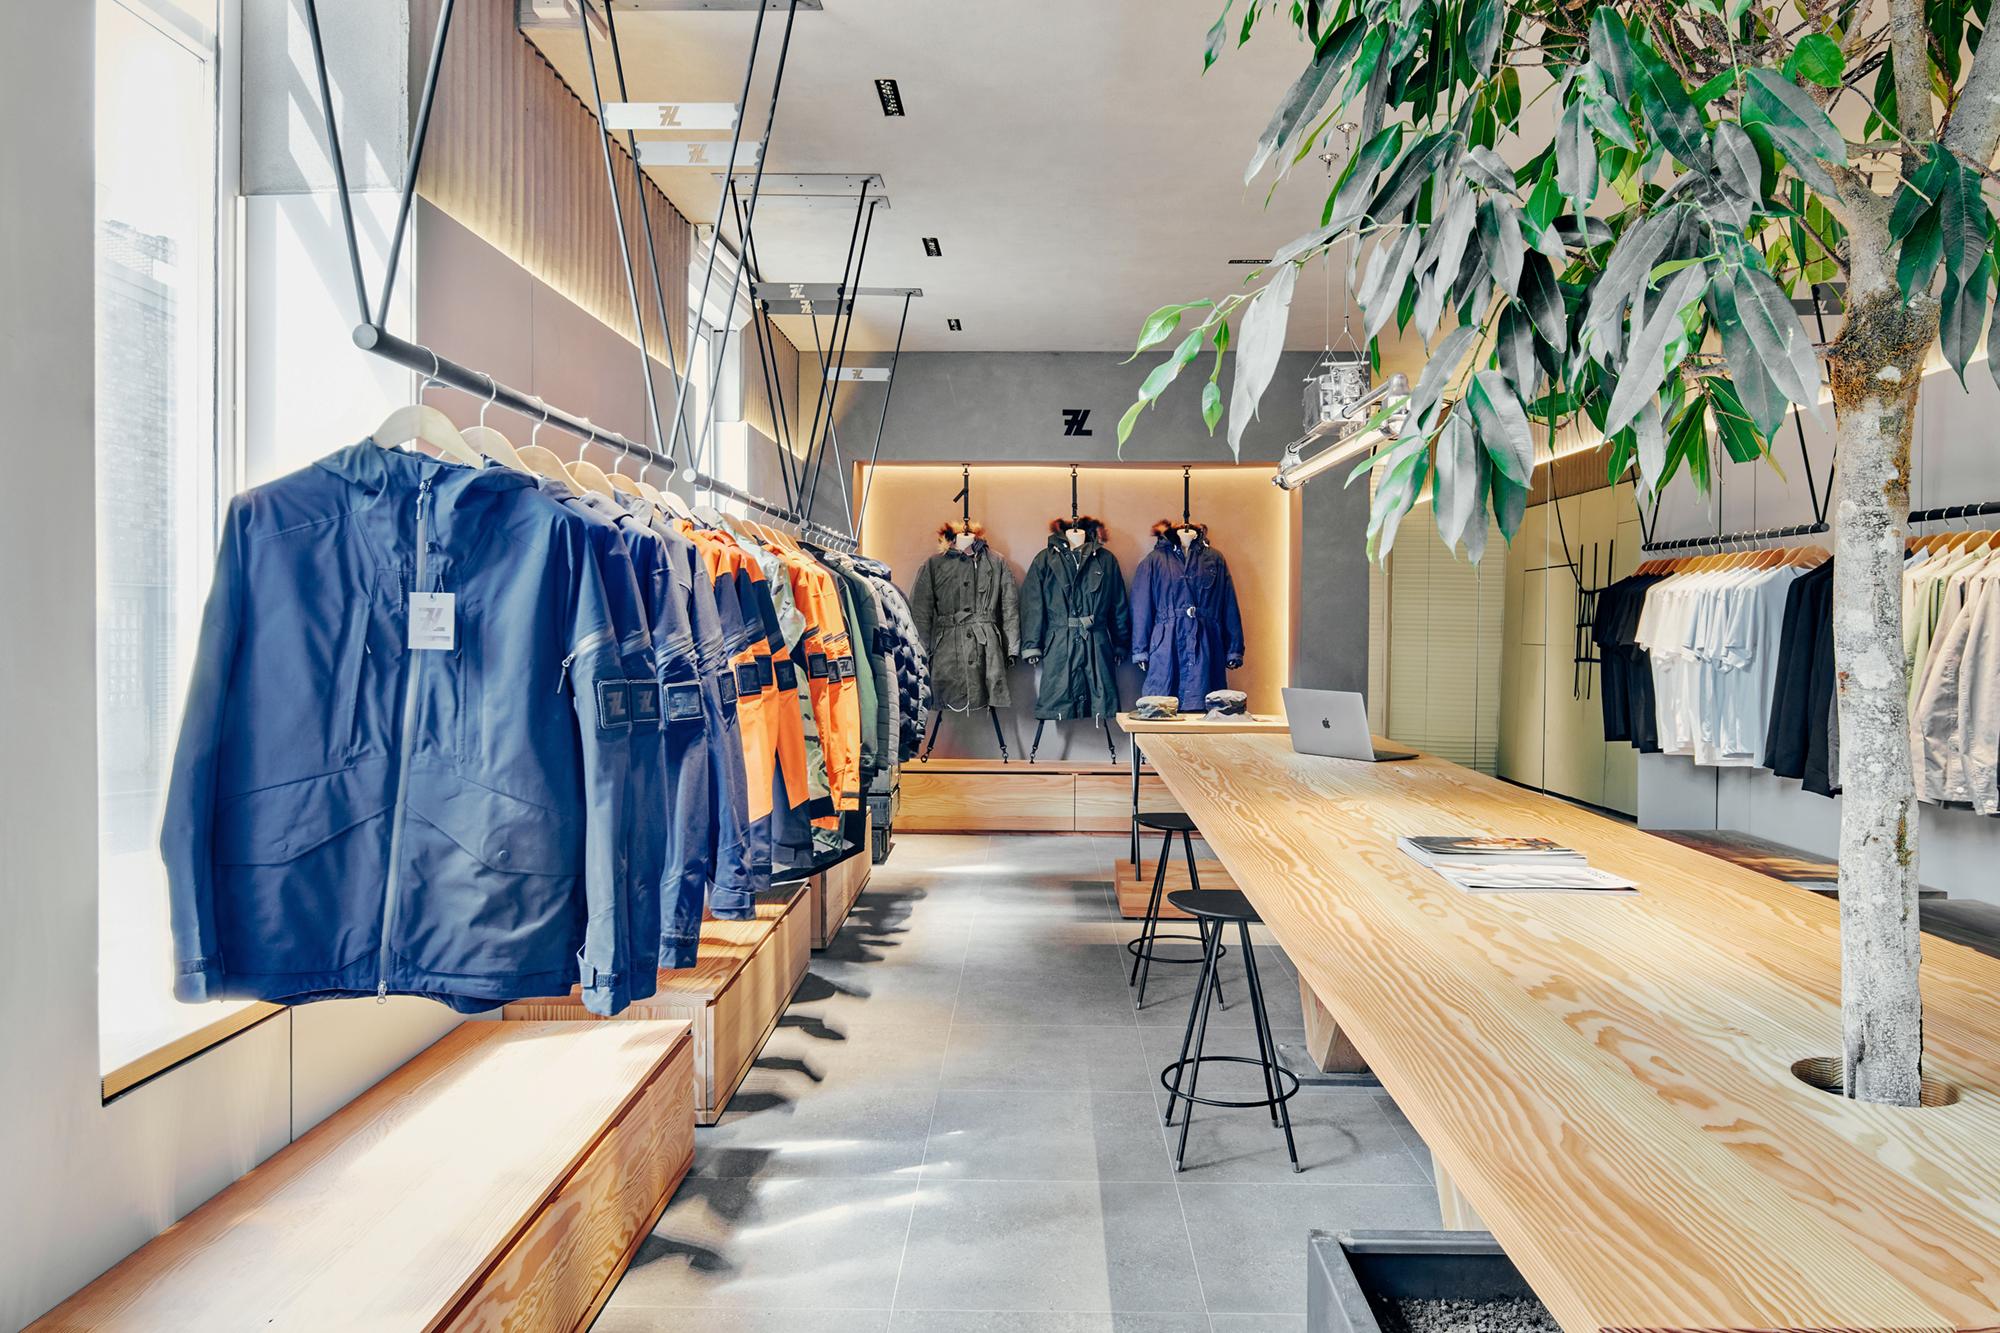 retail store design, interior design, seven layer